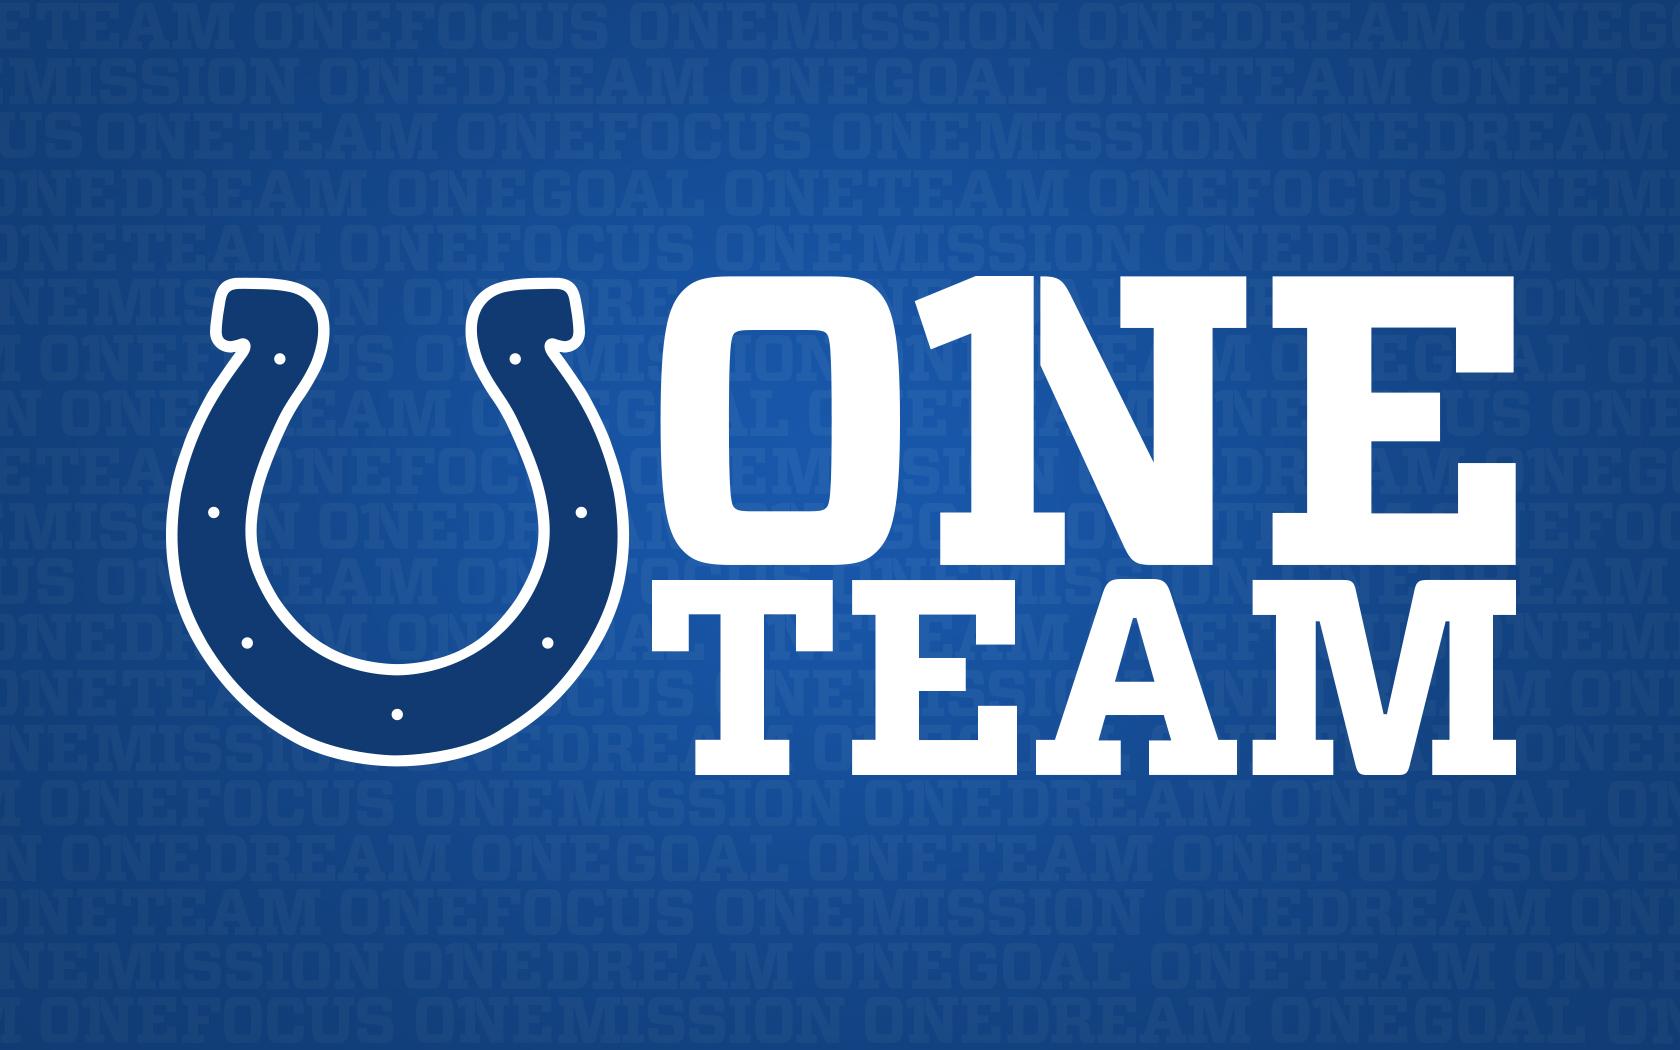 Colts.com | Wallpapers